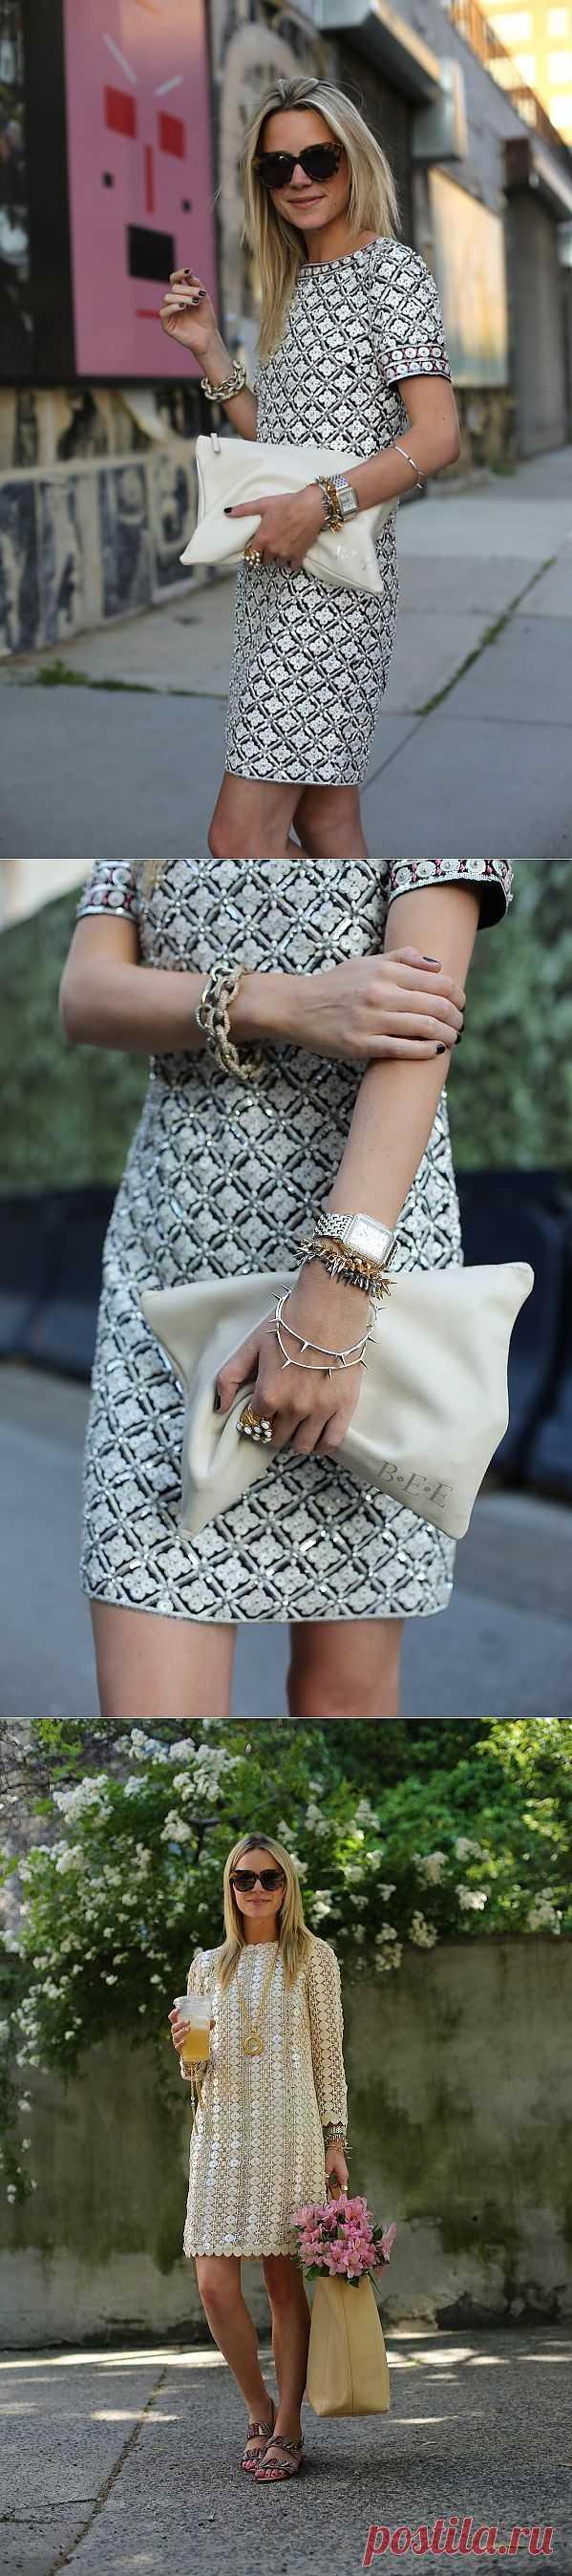 Платье с пайетками +1 / Нарядно / Модный сайт о стильной переделке одежды и интерьера